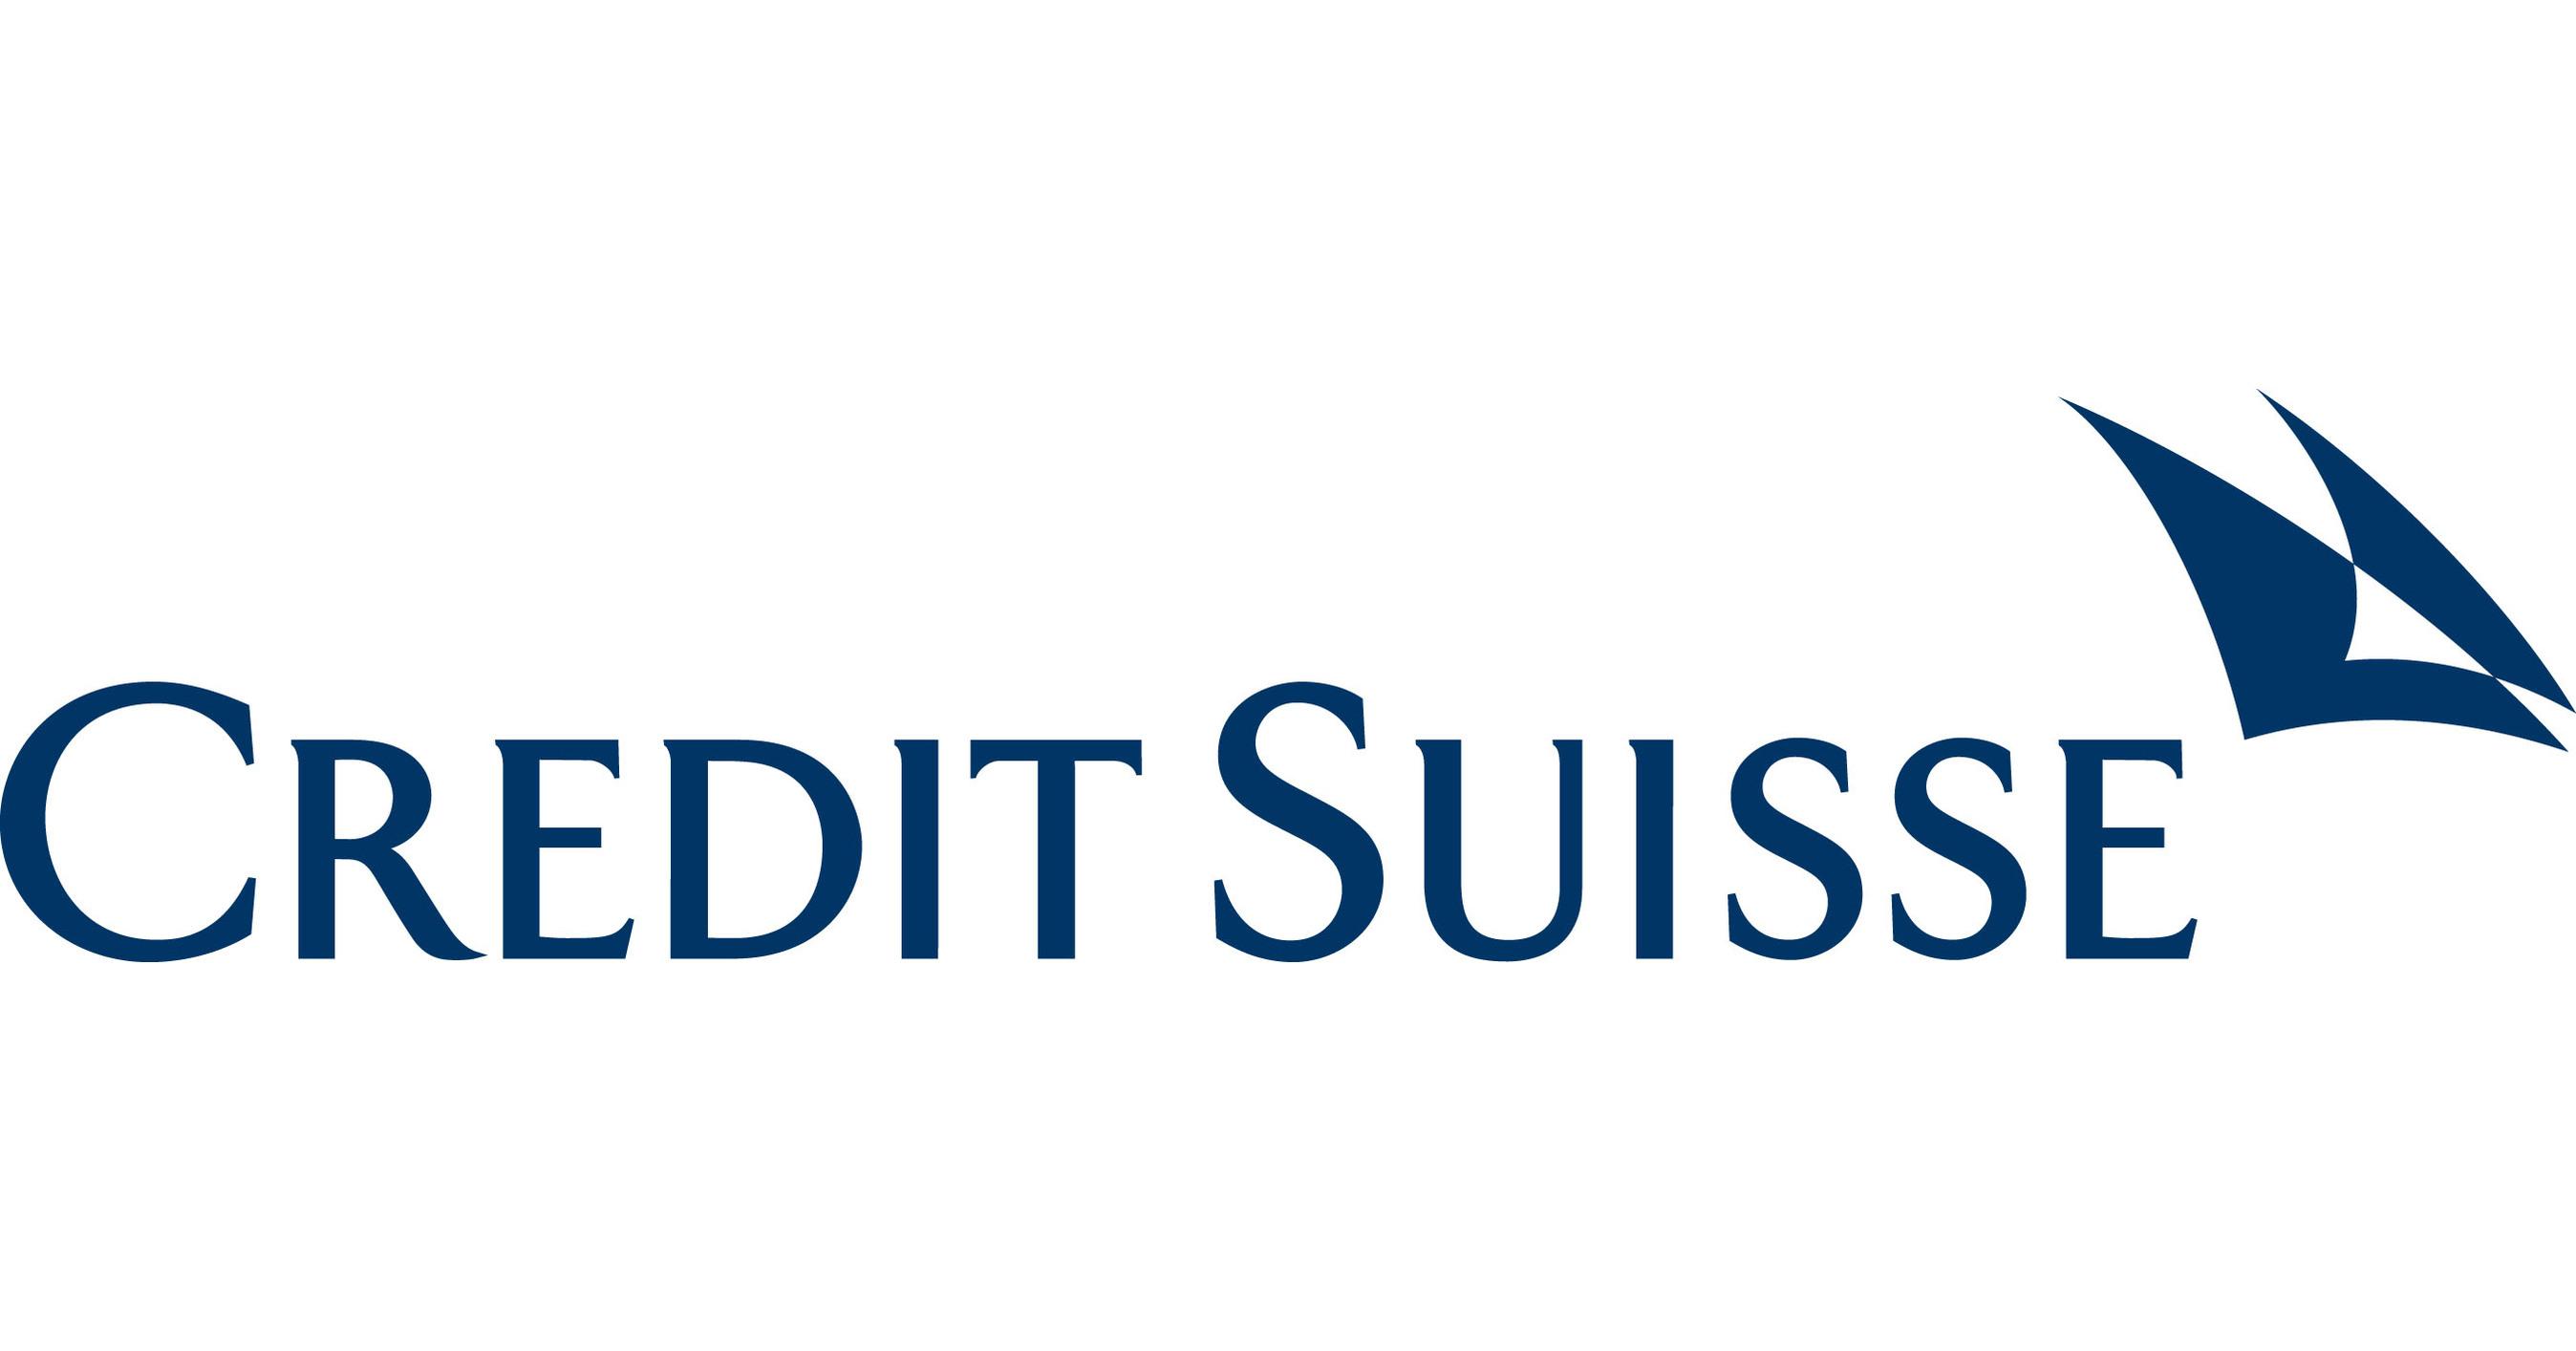 Credit Suisse Advances Institutional Sustainability Initiative